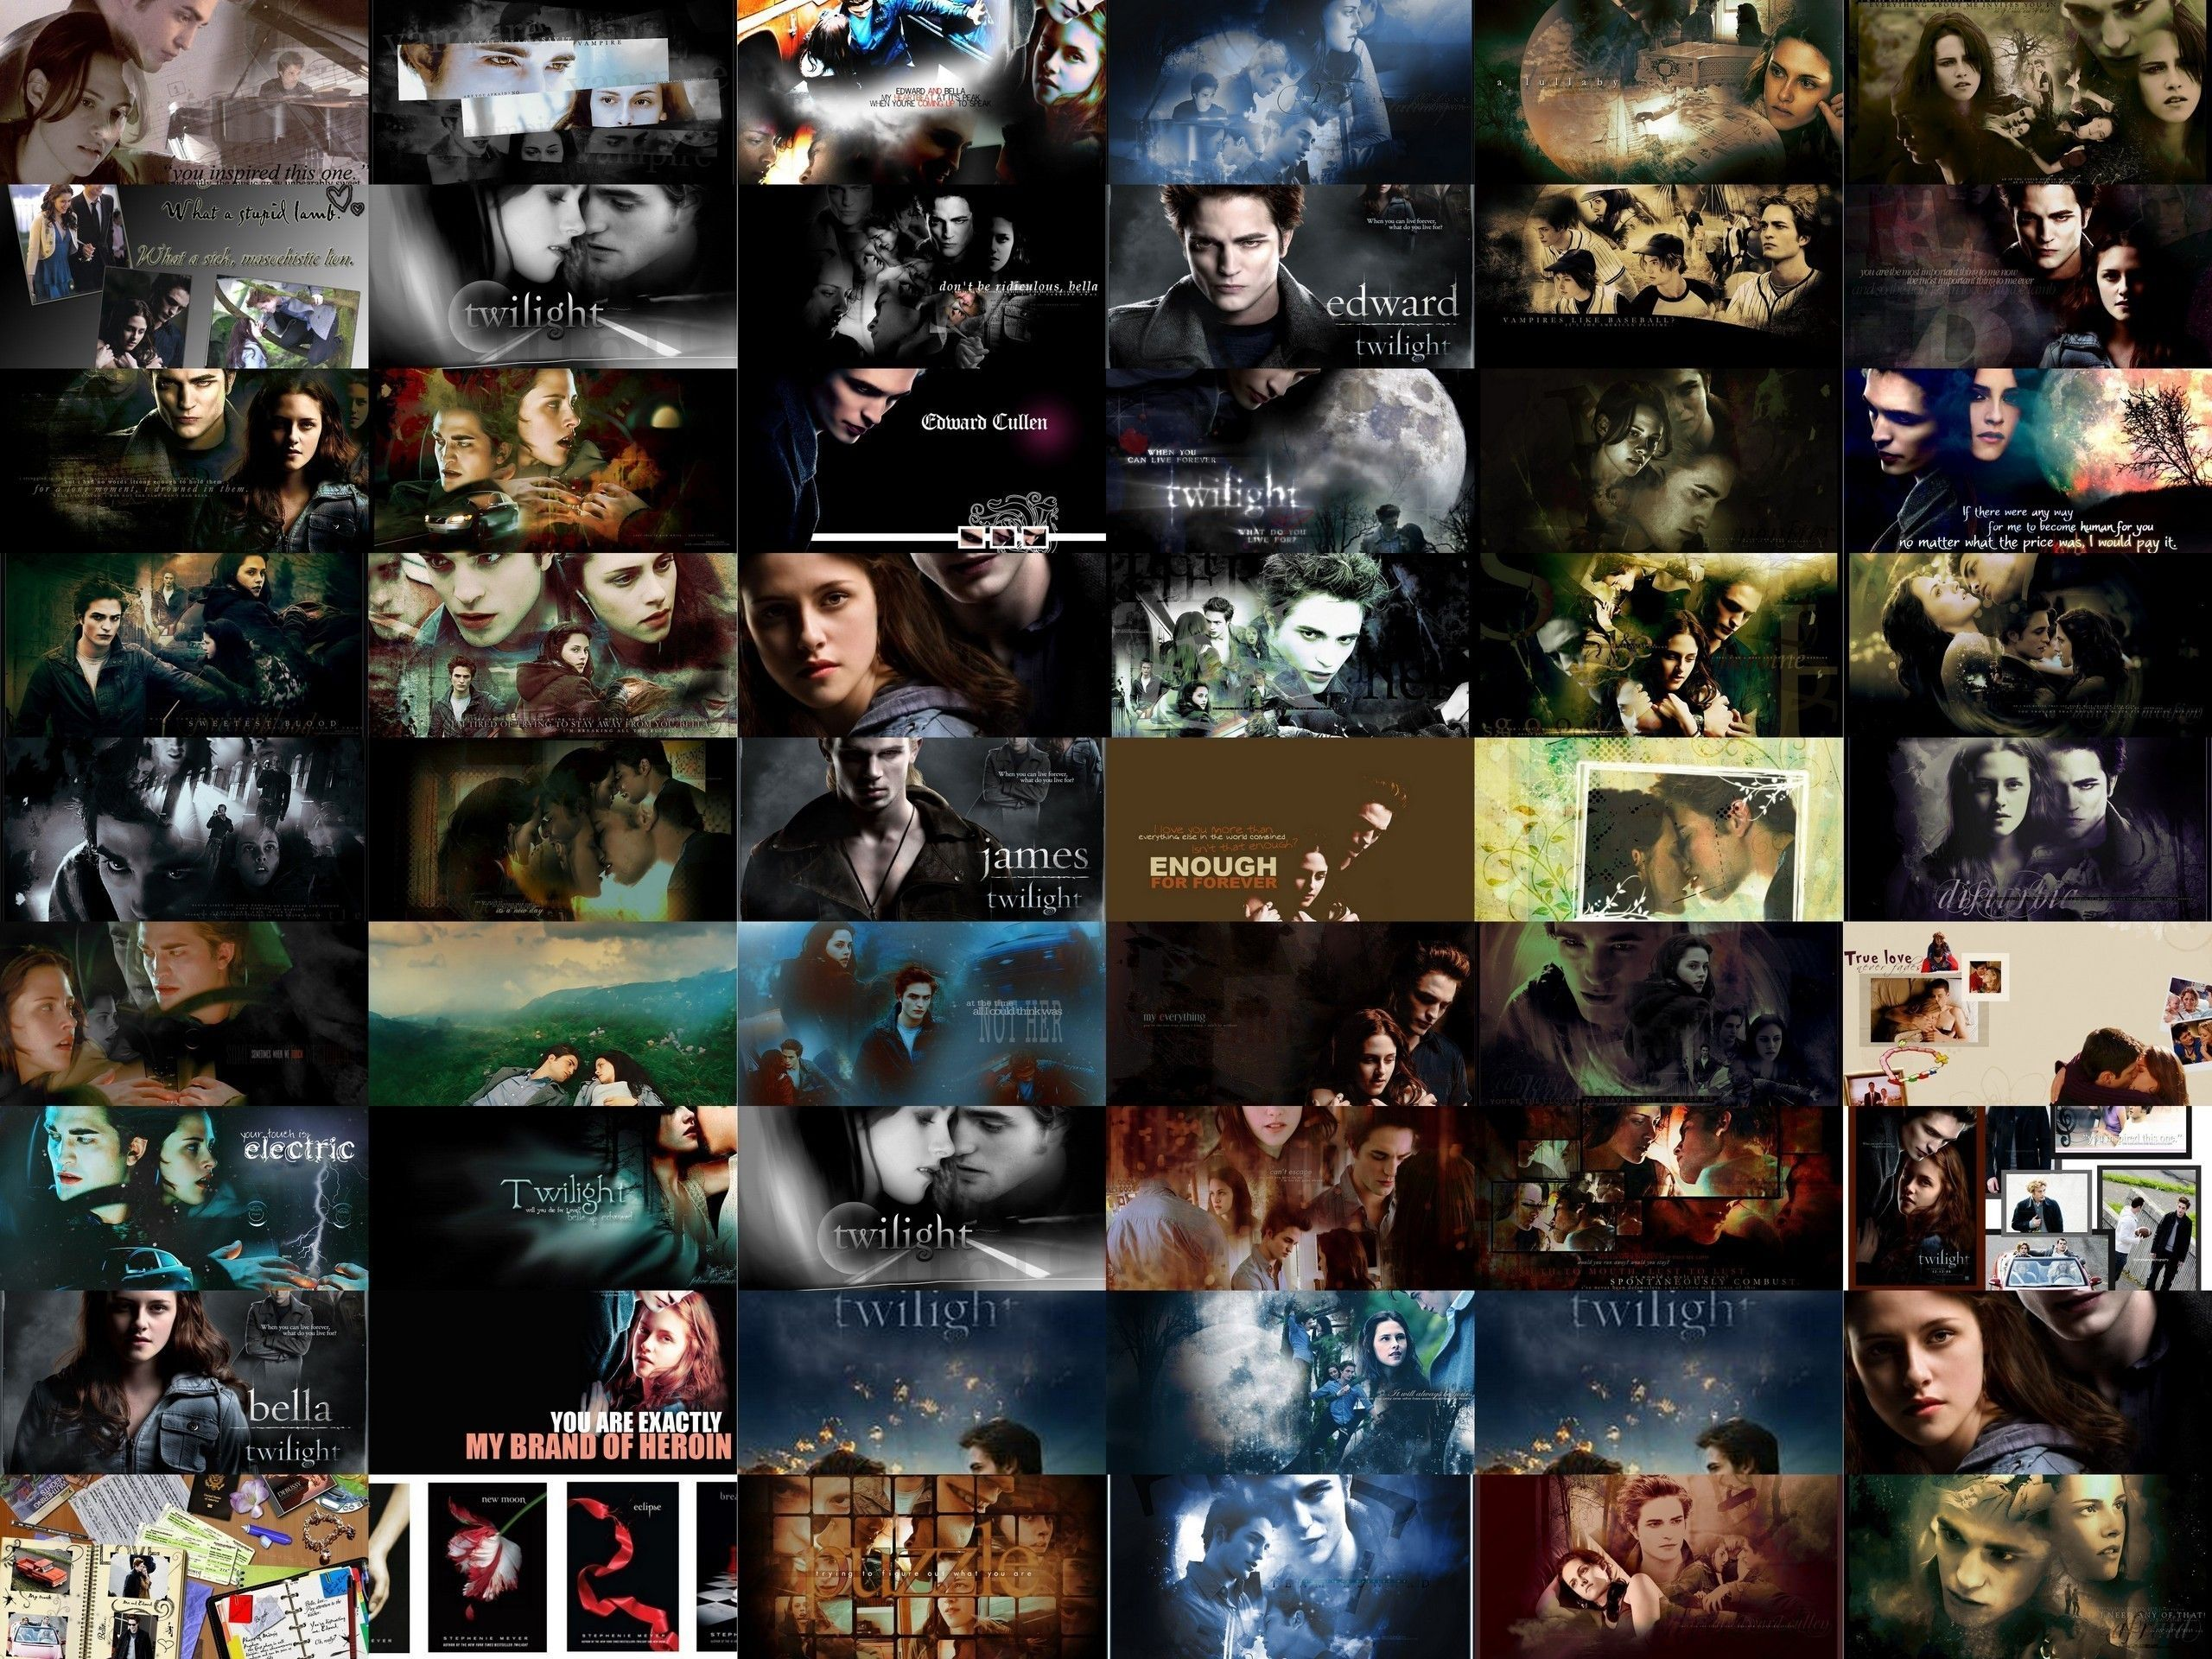 Fantastic Wallpaper Movie Collage - 1ecd8317ac8f1acfa1a8e65d43d23497  Photograph_74421.jpg